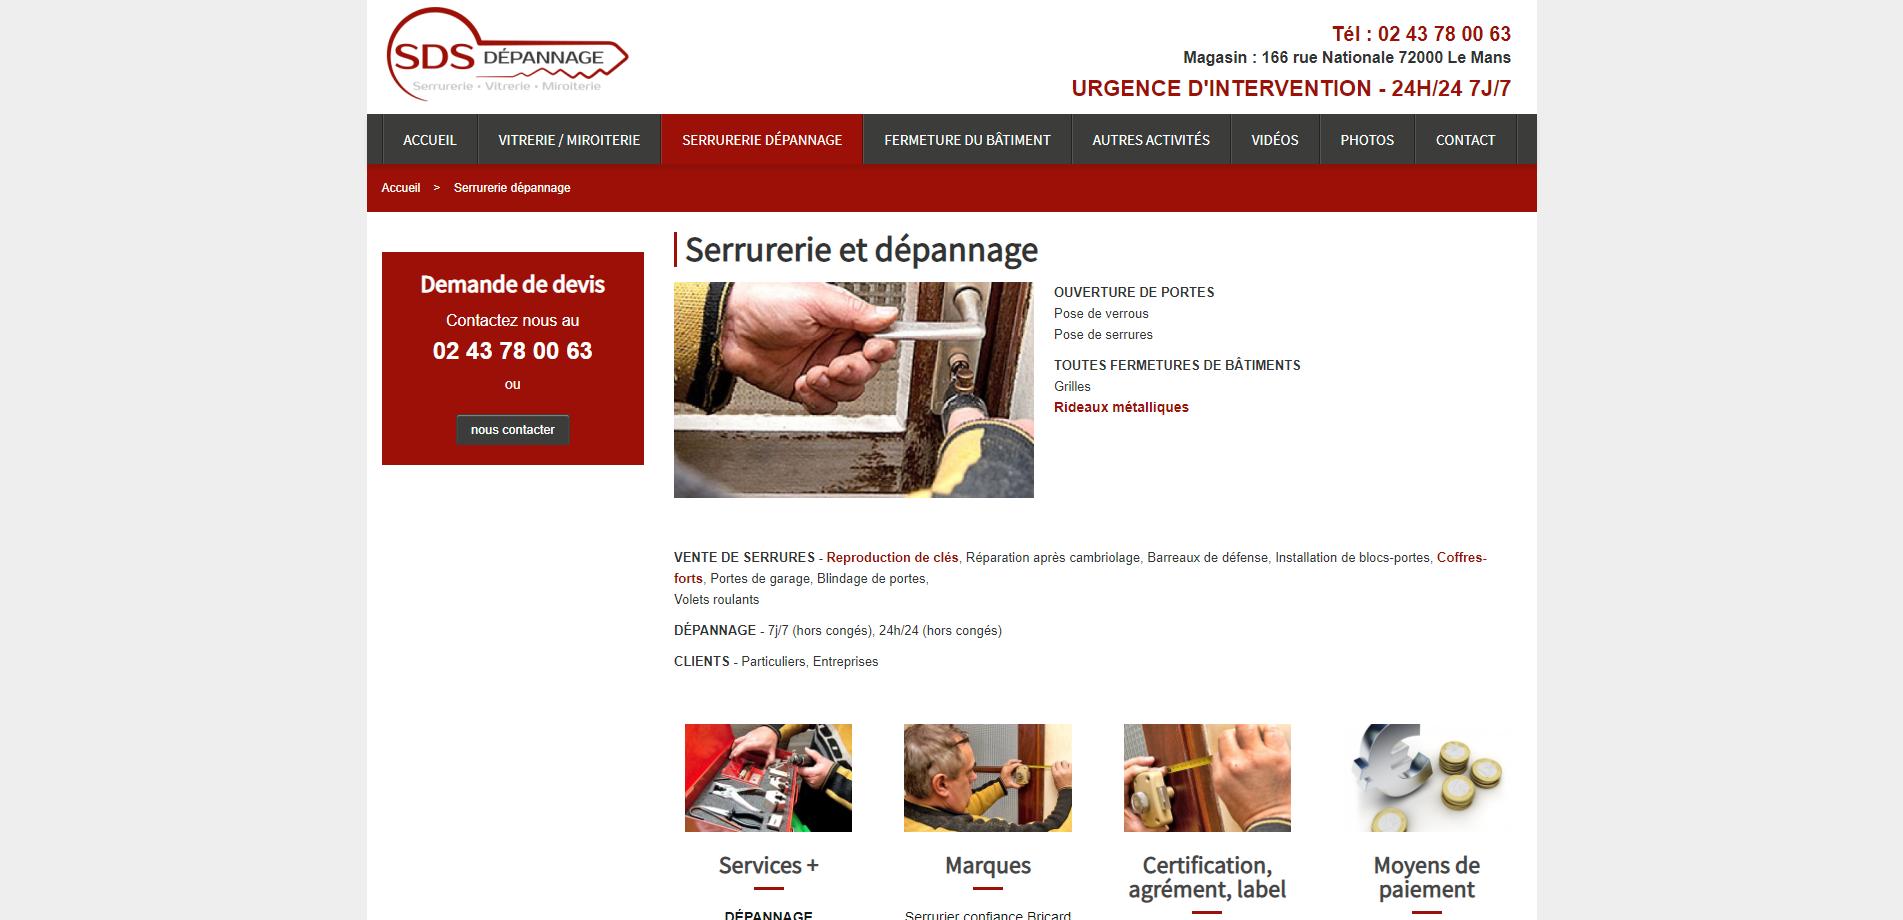 Serrurerie_dépannage_Serrurier_sur_Le_Ma